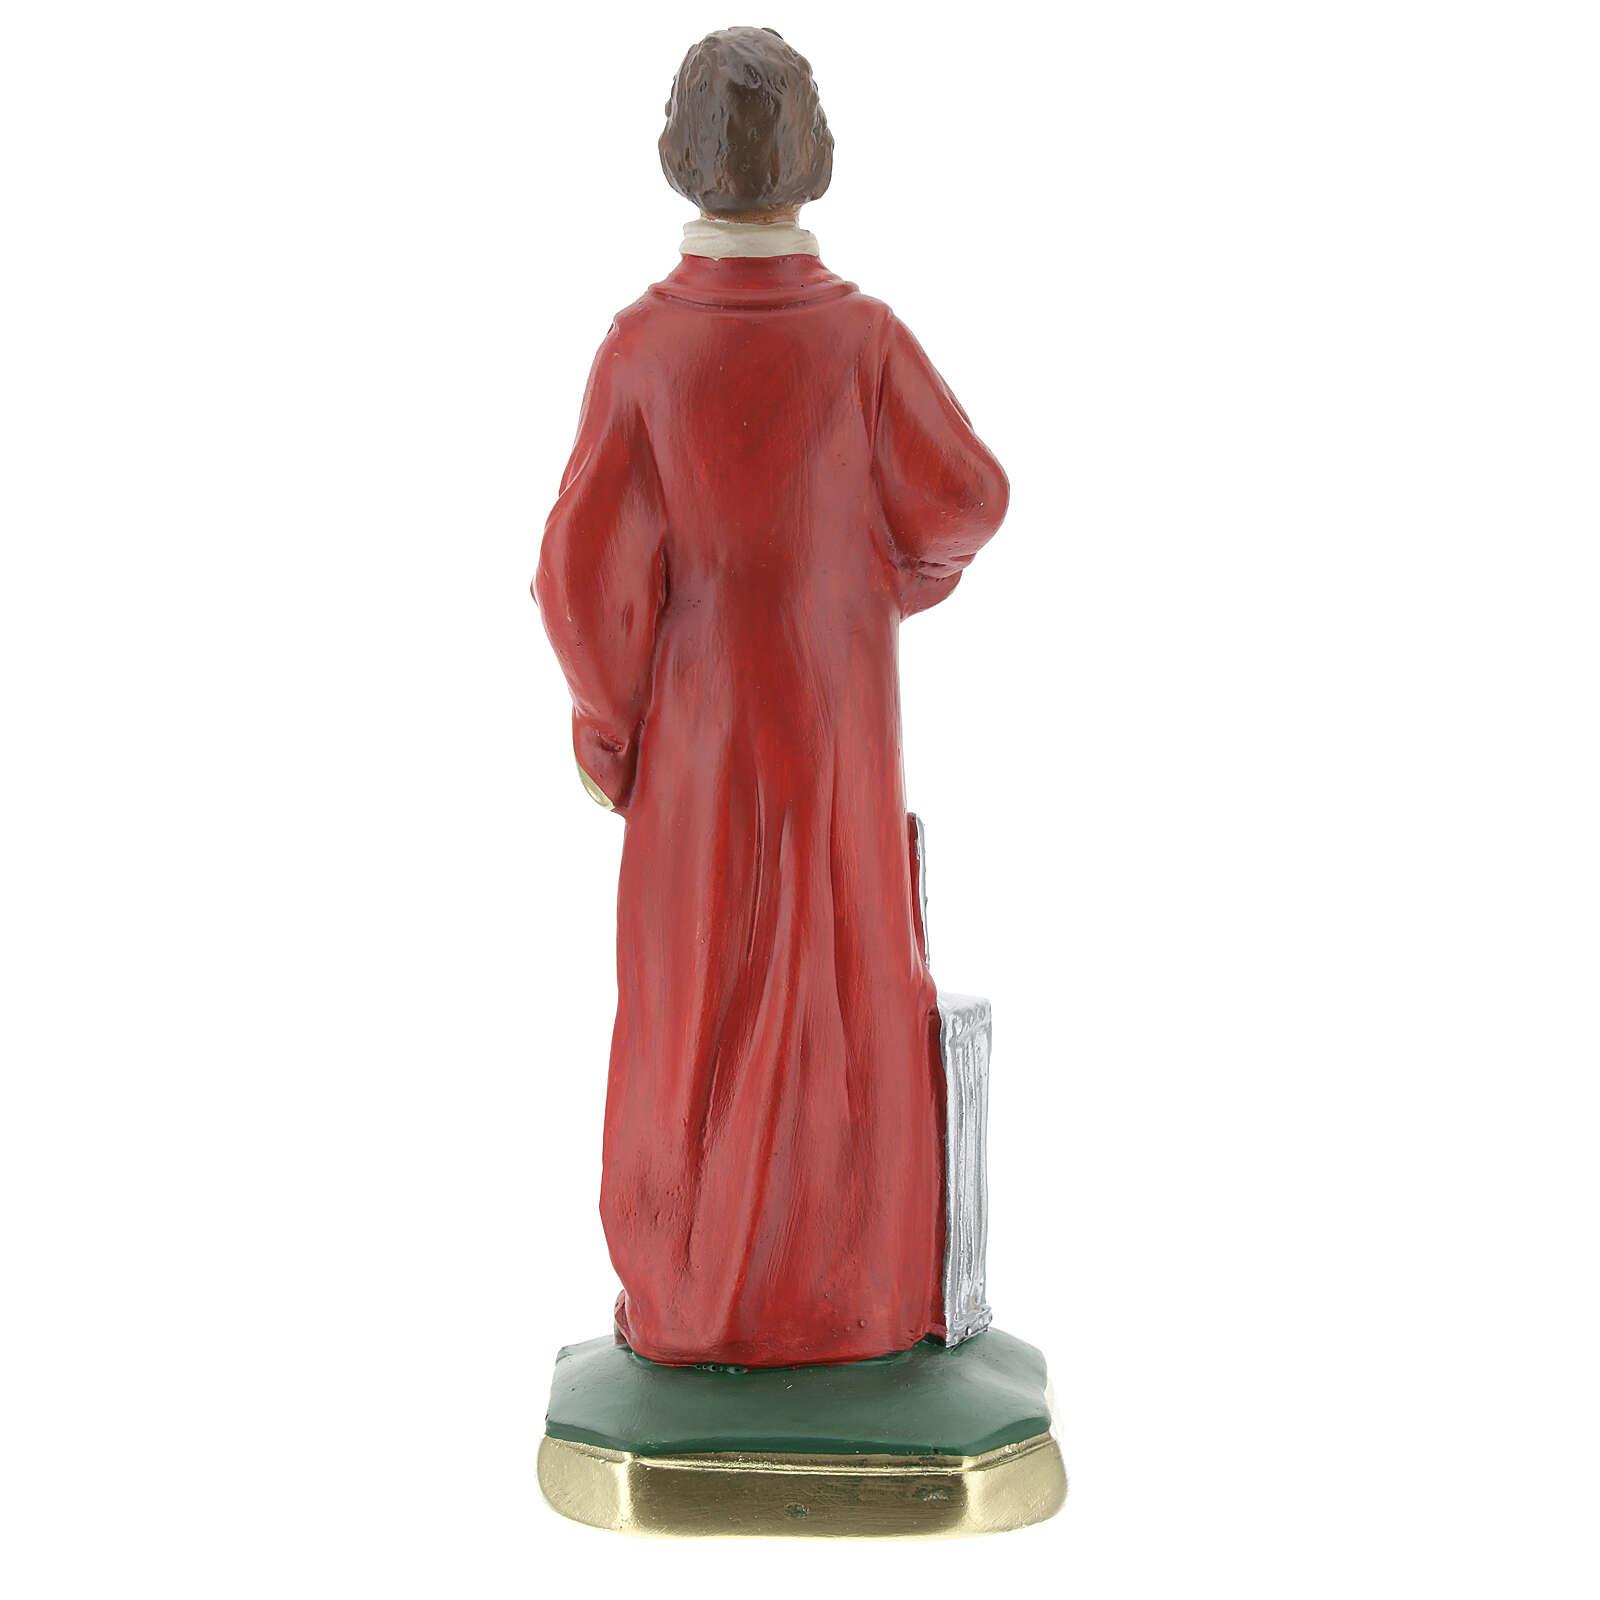 Saint Laurent statue plâtre 20 cm peinte main Arte Barsanti 4